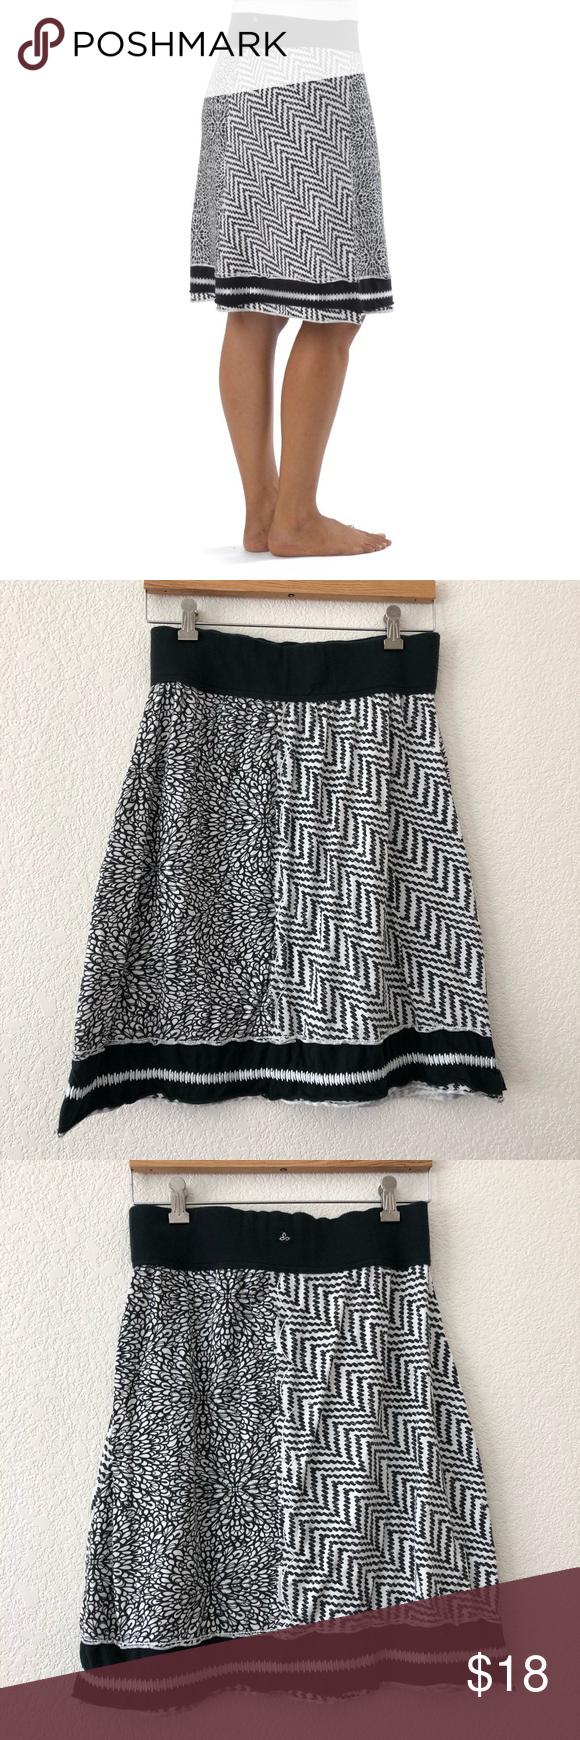 414922e105eb Prana   Black & White Athletic Skirt Super cute athletic skirt from Prana!  Floral &